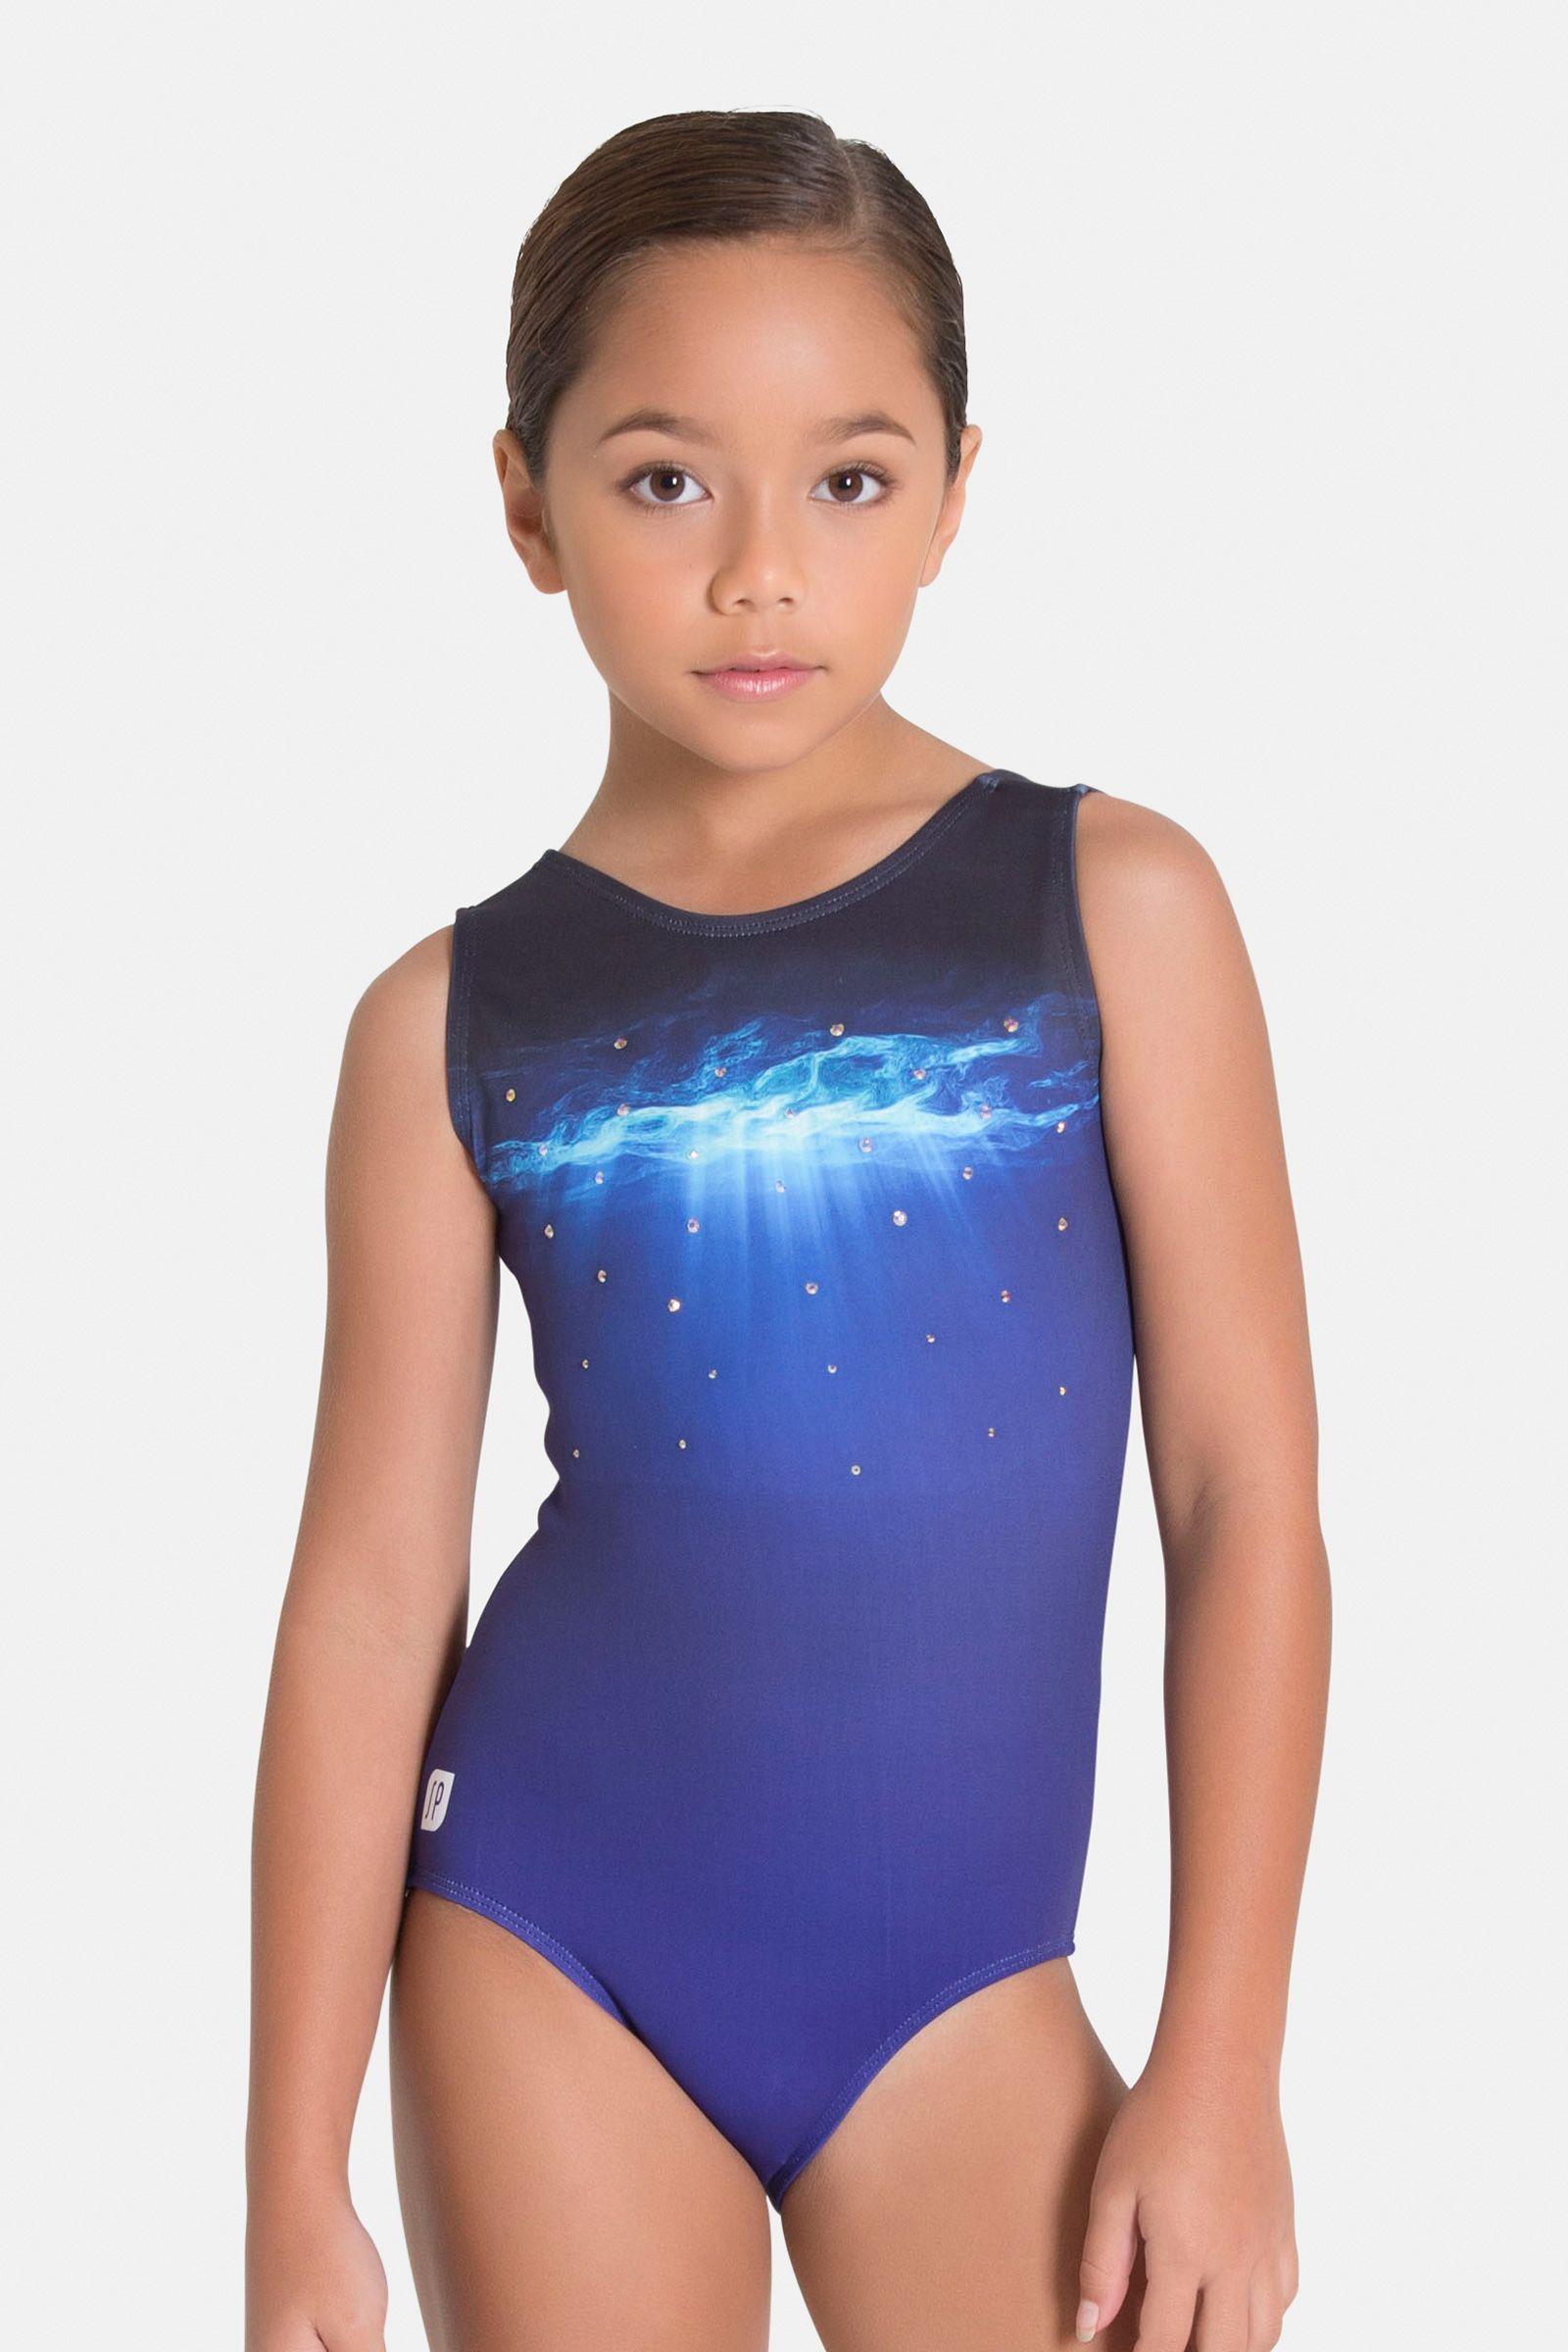 New GK Elite CHEER TOP Dance STAR Sparkling SILVER Blue CROP Gymnastics Leotard